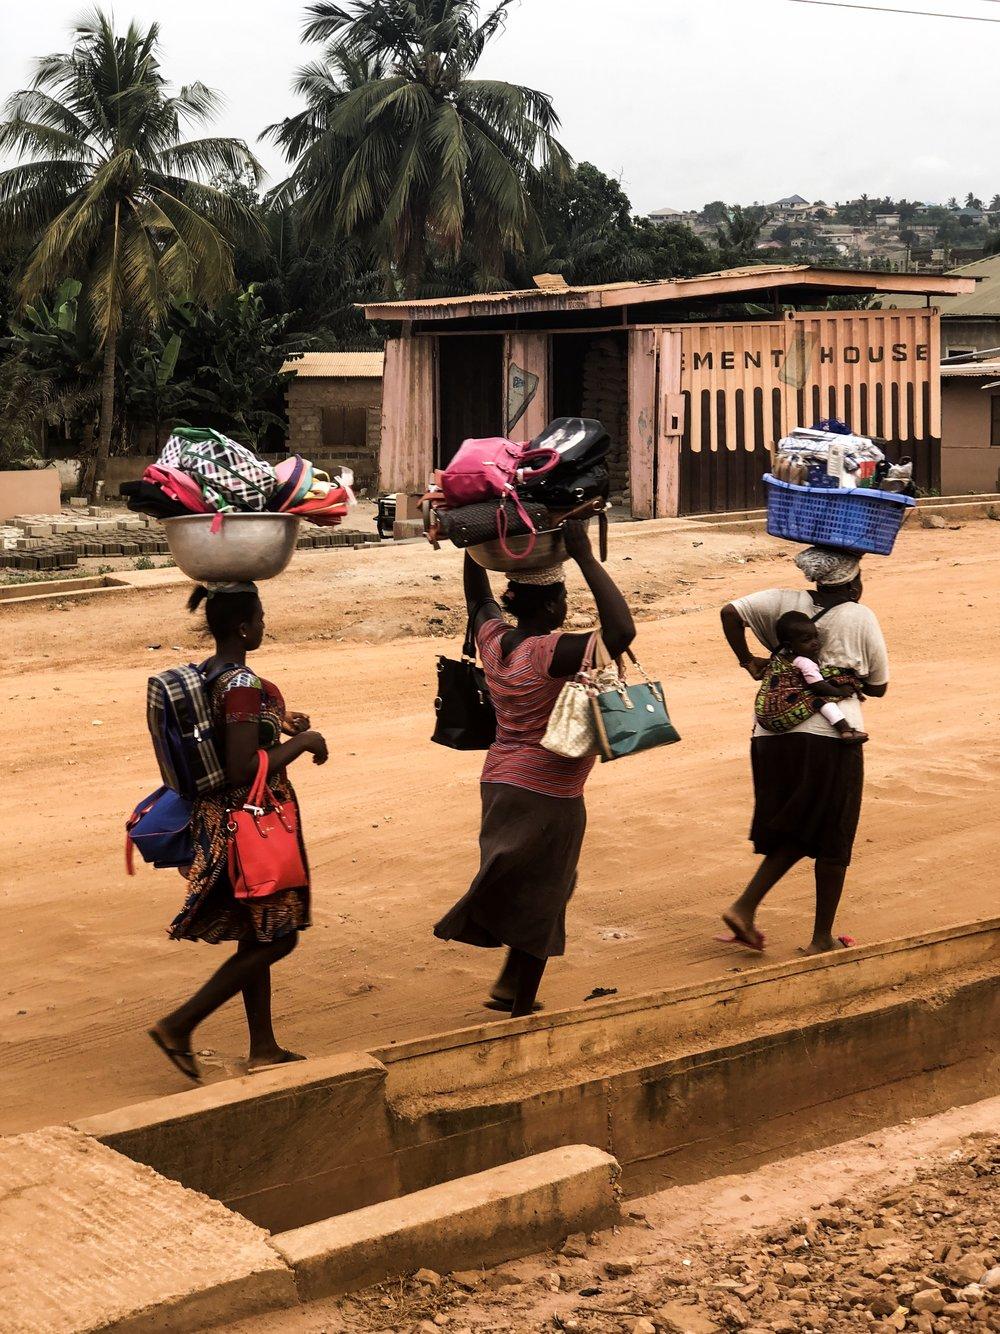 Ghana street entrepreneurs